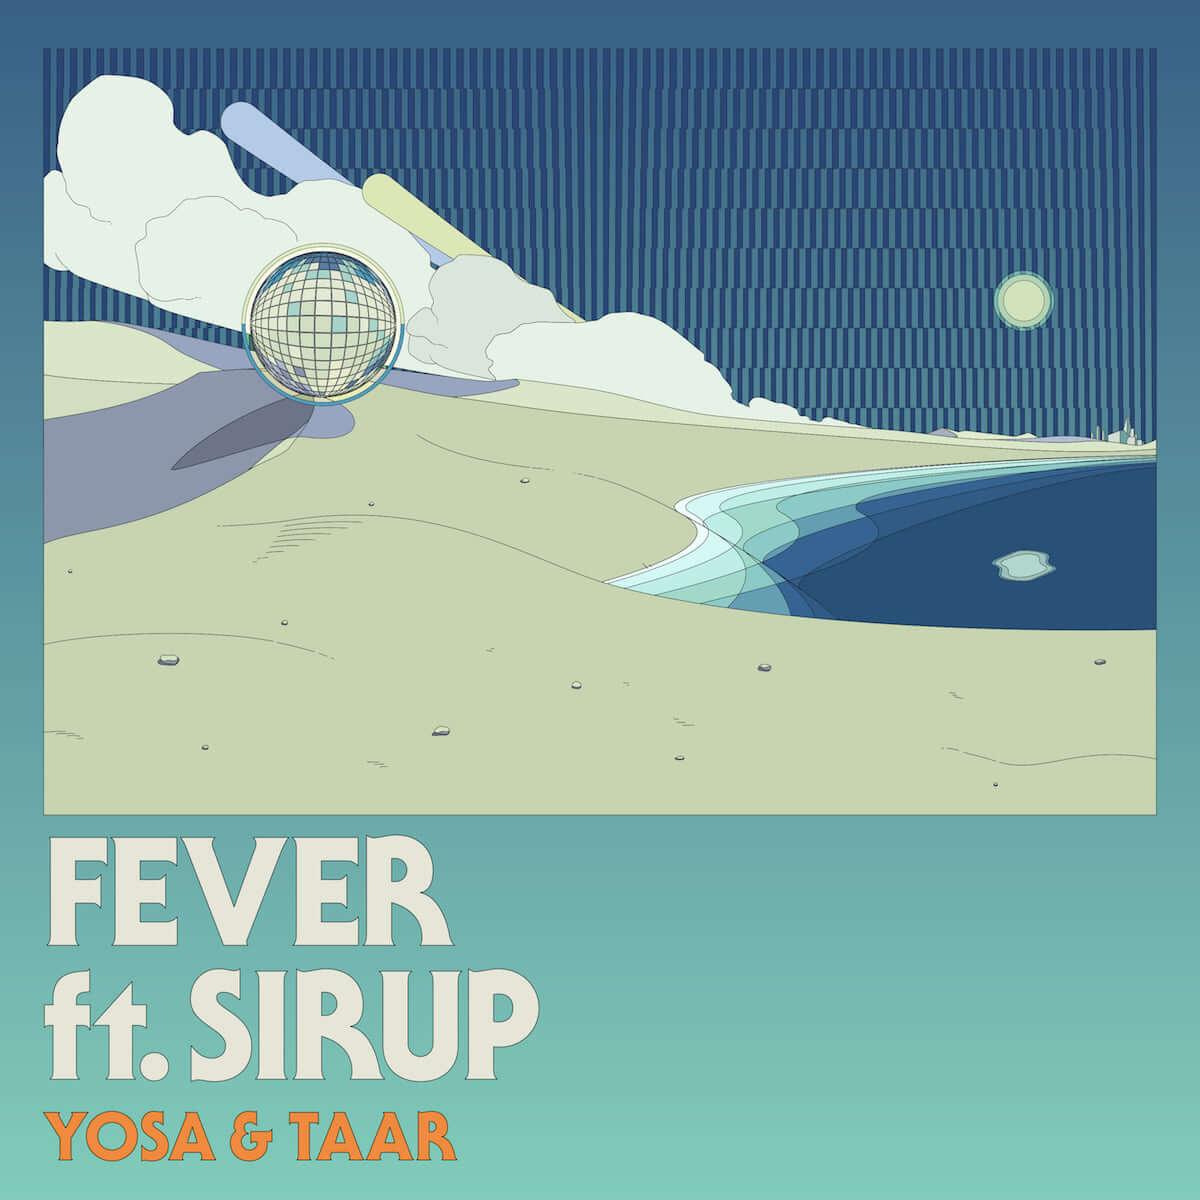 YOSA & TAARがSIRUPを客演として迎えた第2弾シングルをリリース|マスタリングは砂原良徳 music181116-yosa-taar-1-1200x1200